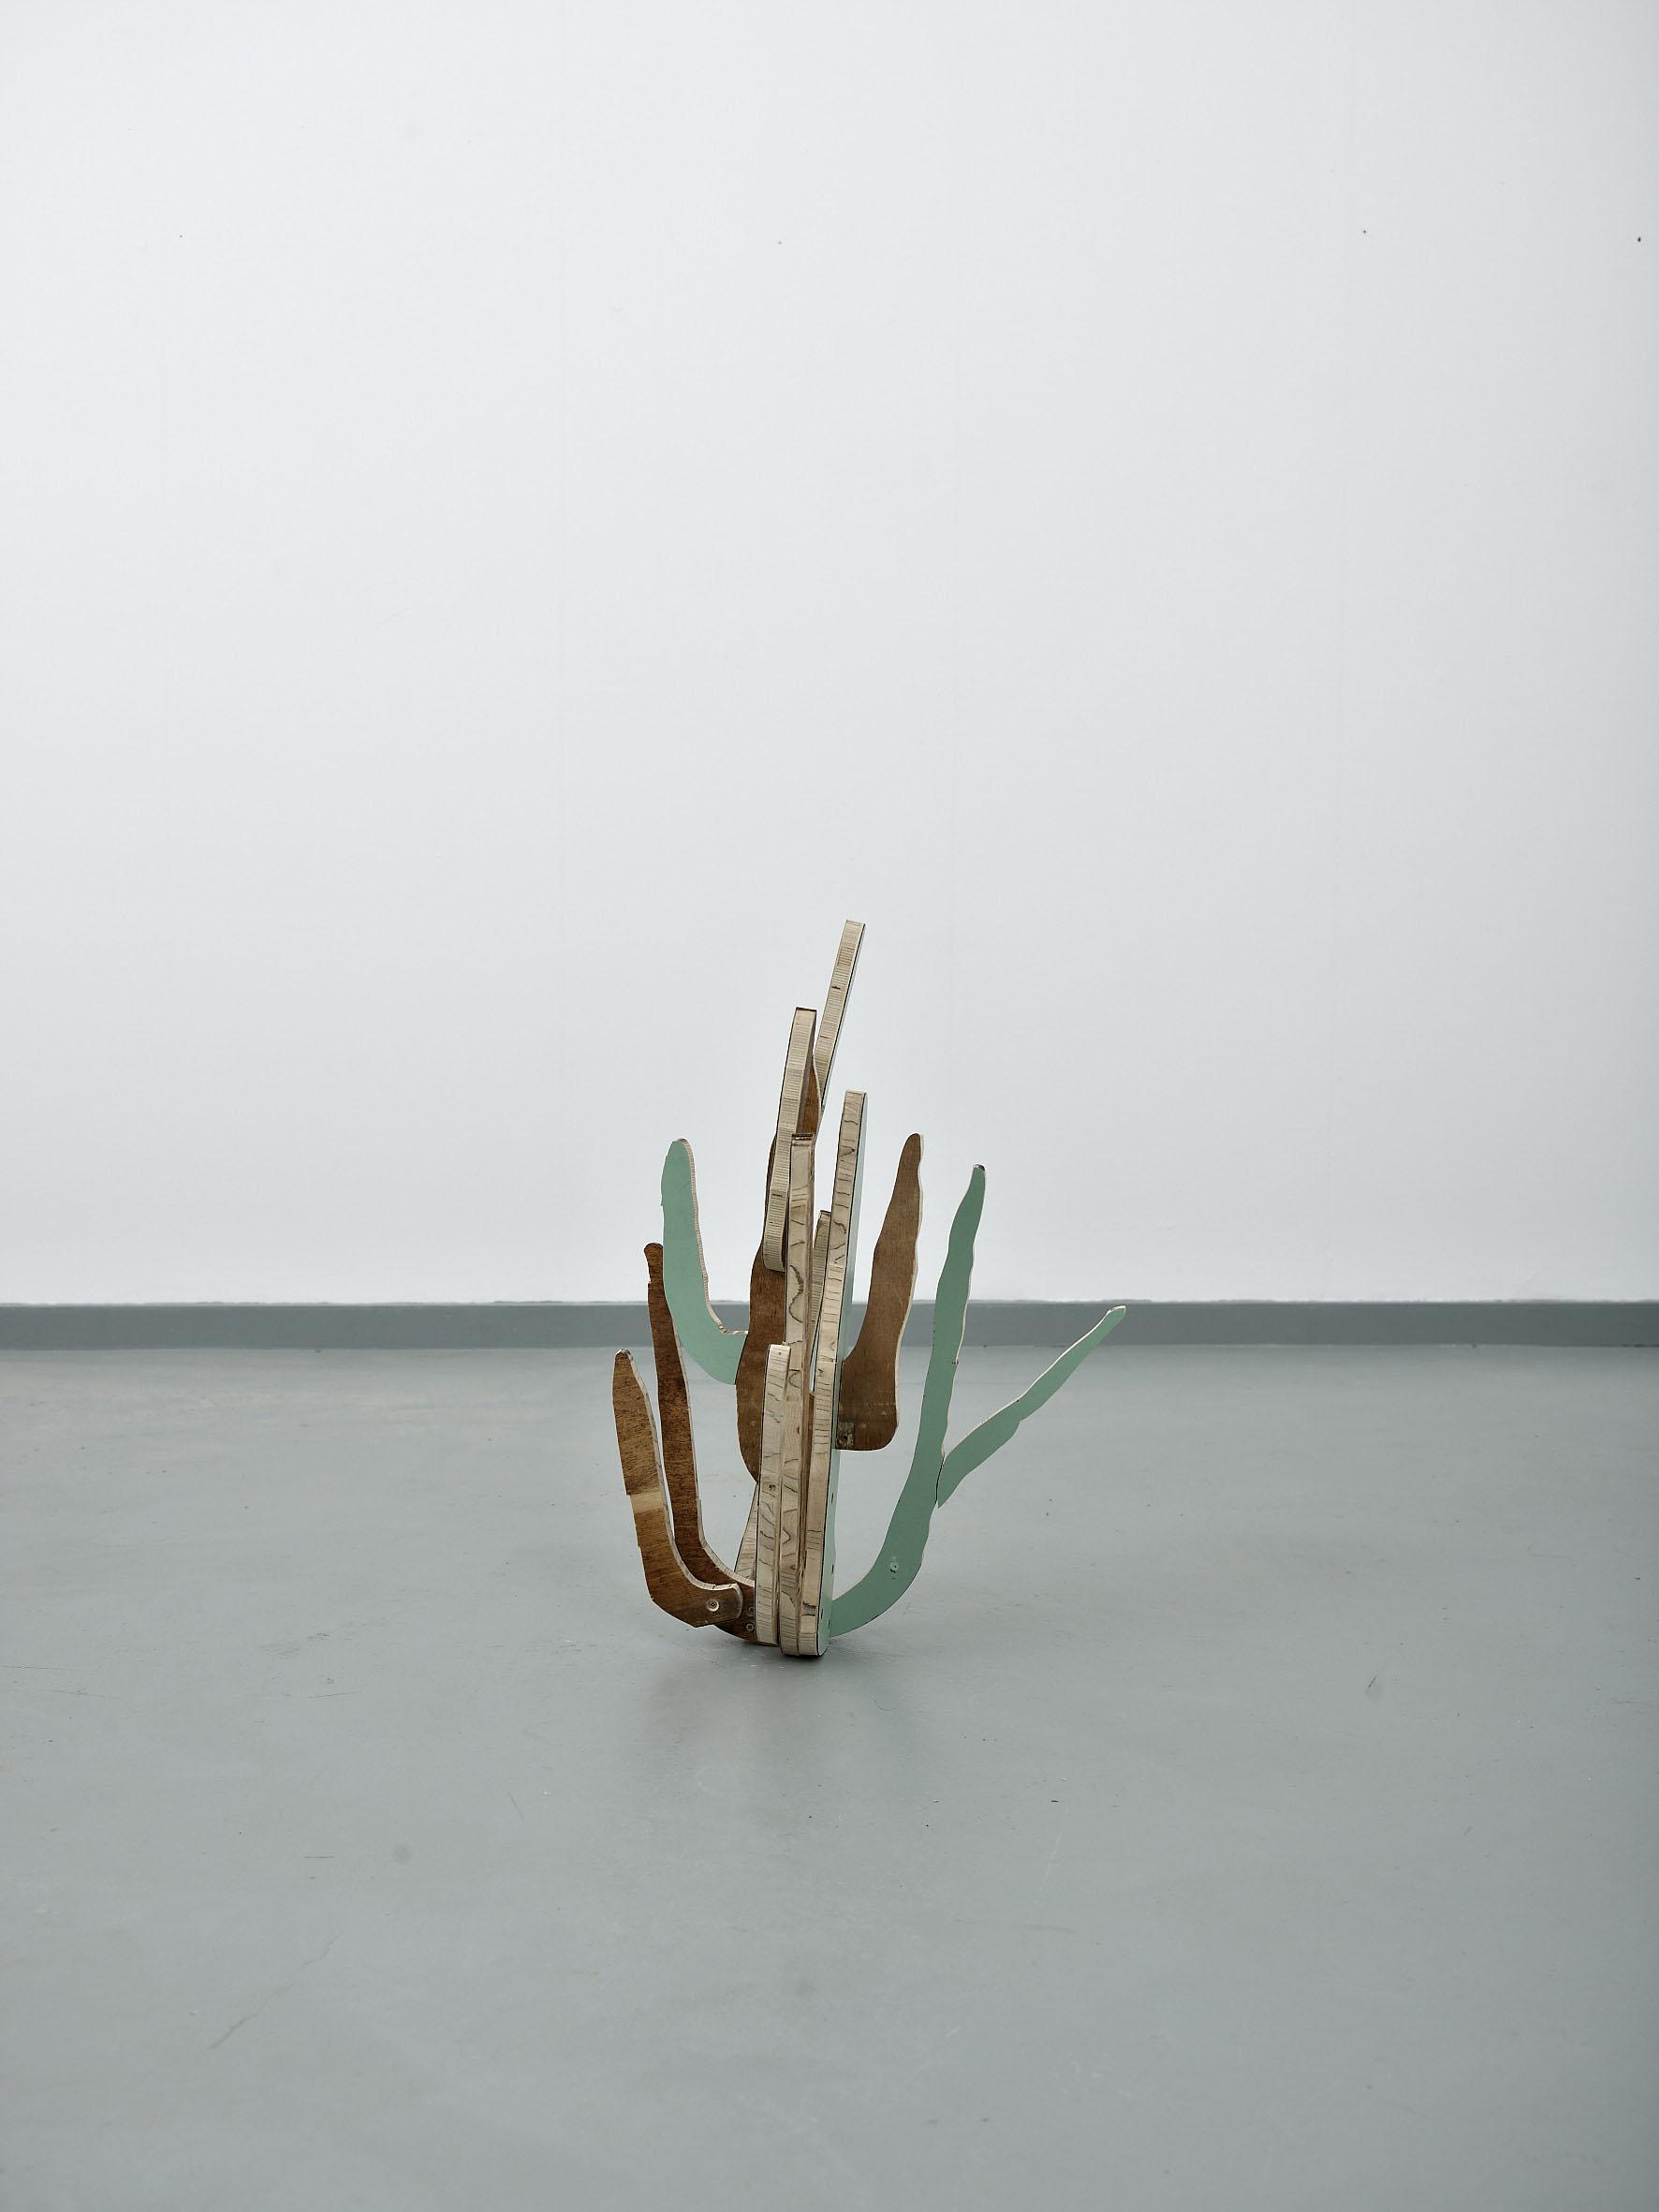 Cactus(OrganPipe)2014**